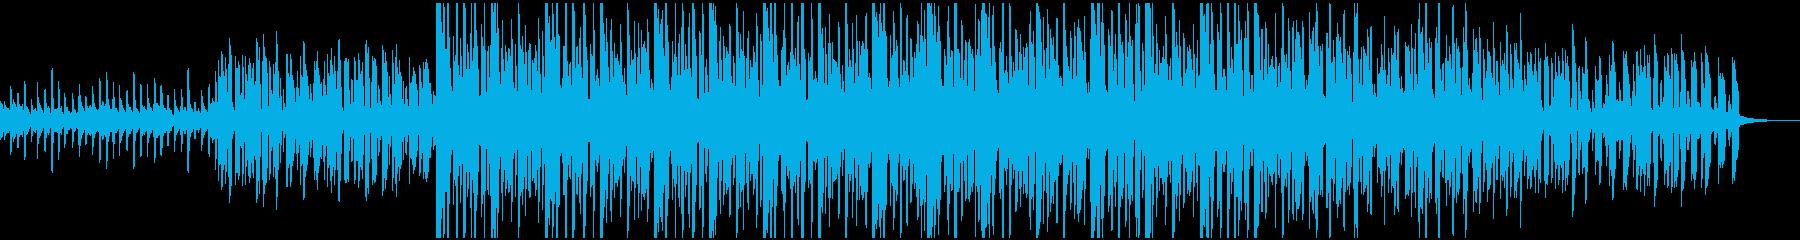 ほのぼのとした、ウクレレサウンドの再生済みの波形